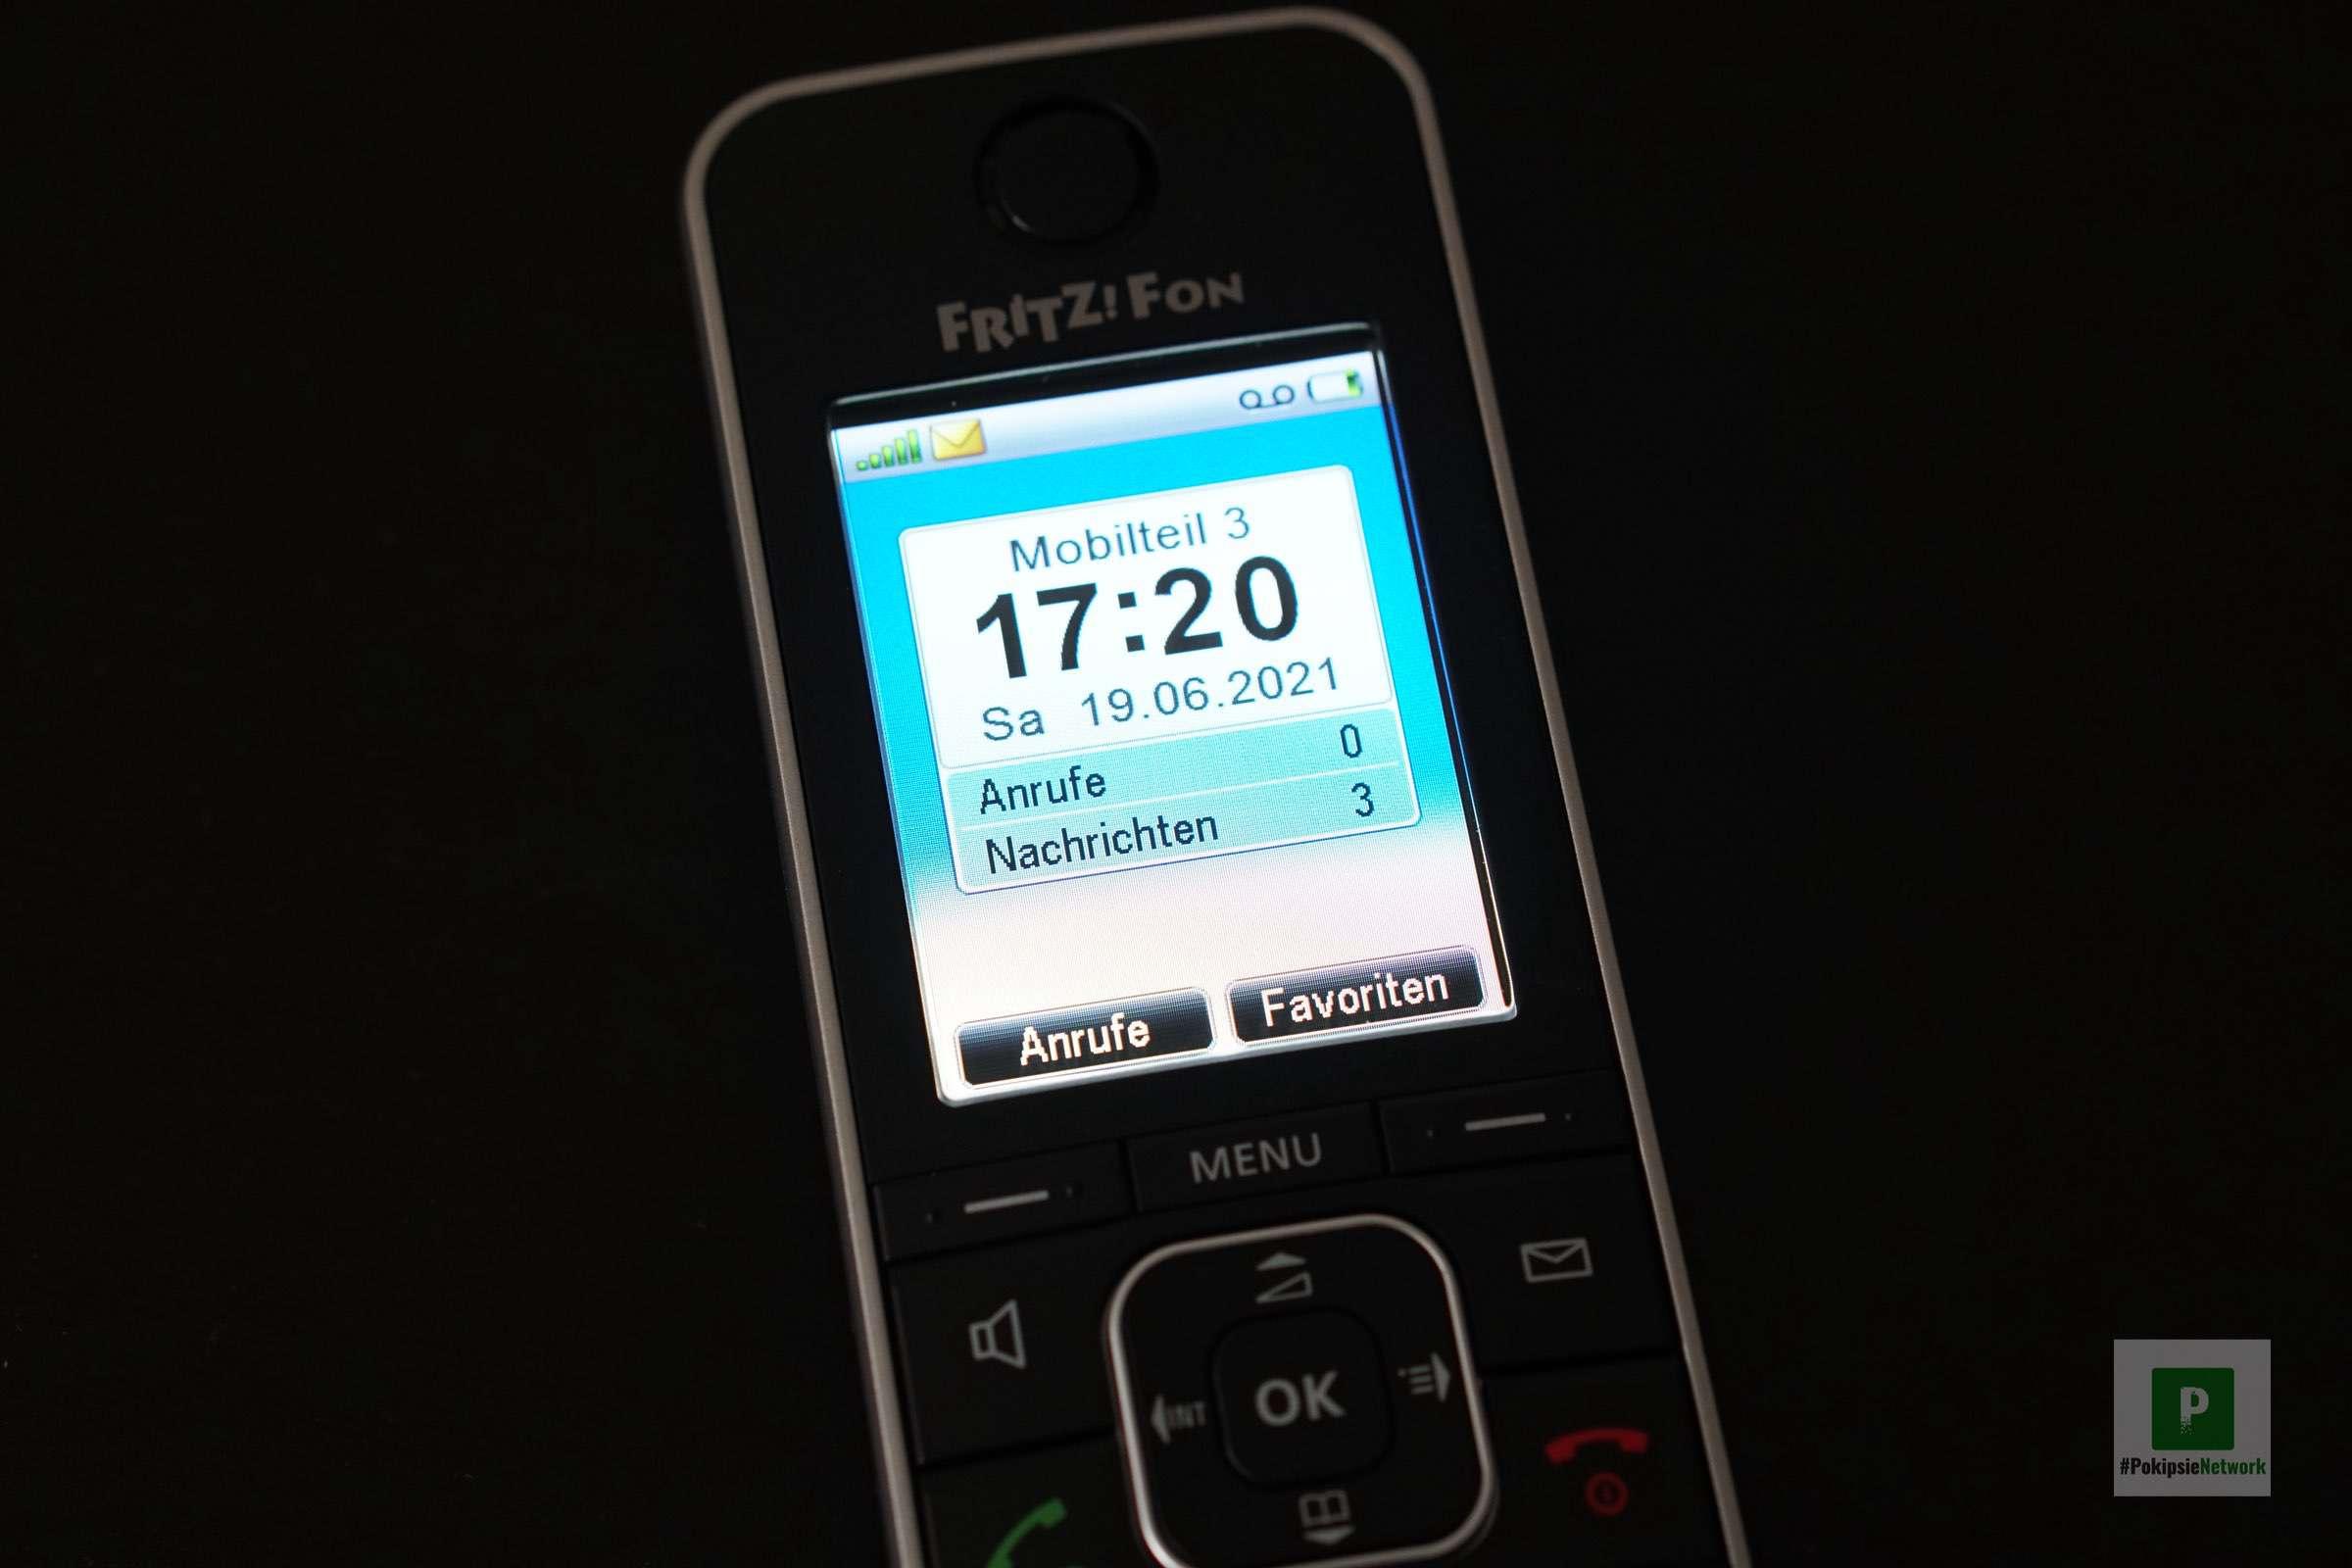 Das Telefon ist bereit